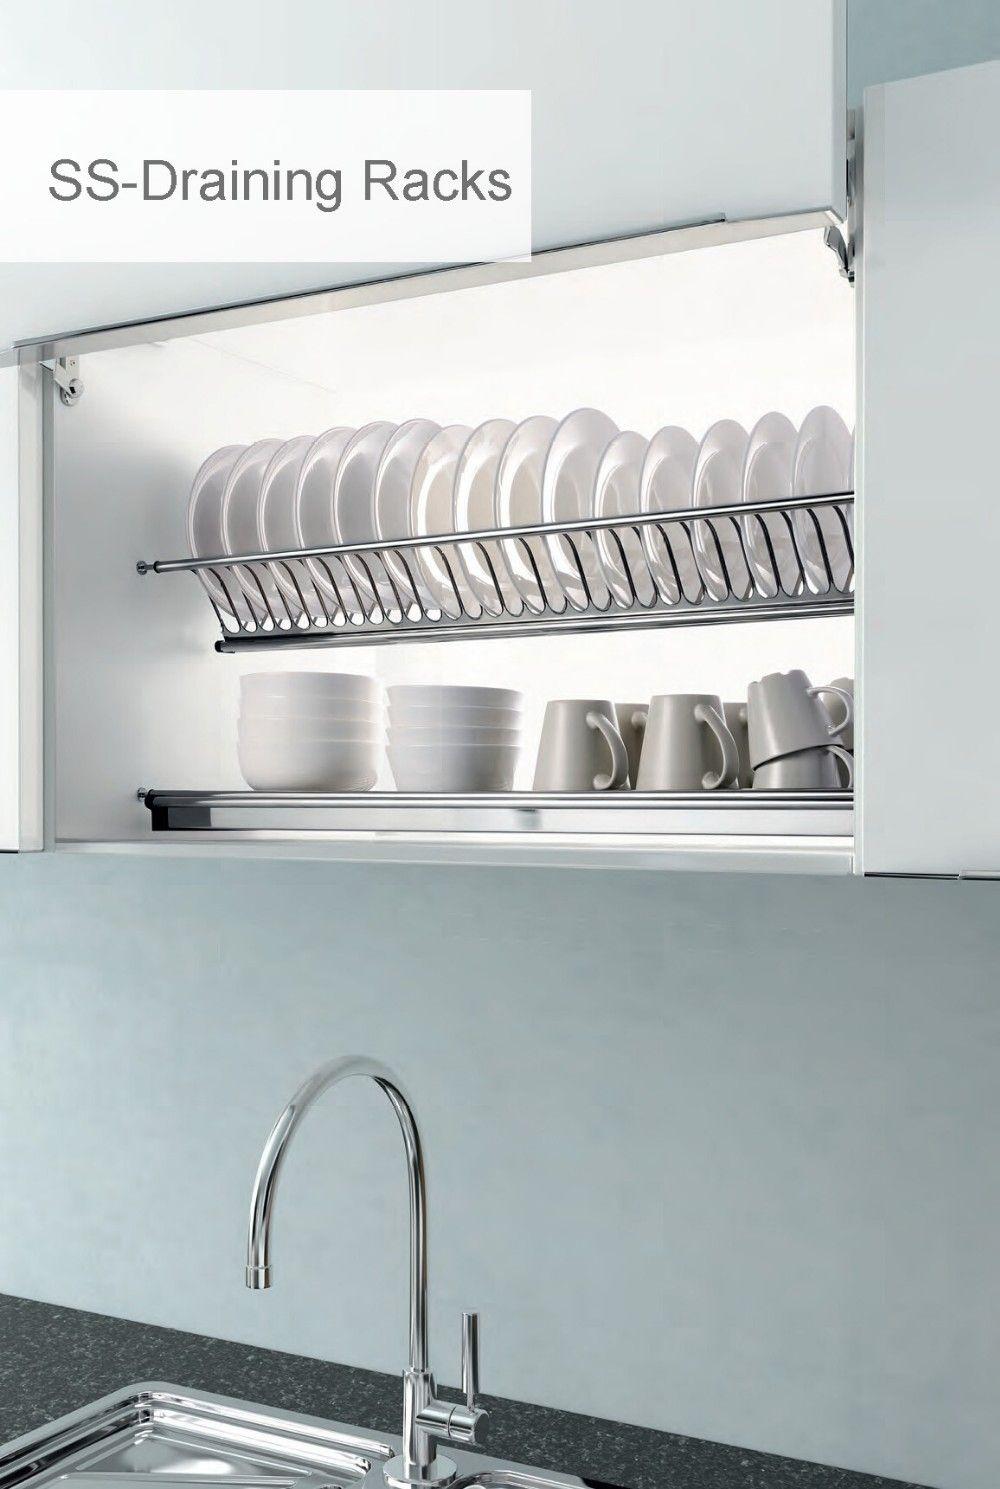 2018kitchen Sink Stainless Steel Dish Drainer Escorredor De Pratos Embutido Designs De Cozinha Espaco De Armazenamento Da Cozinha